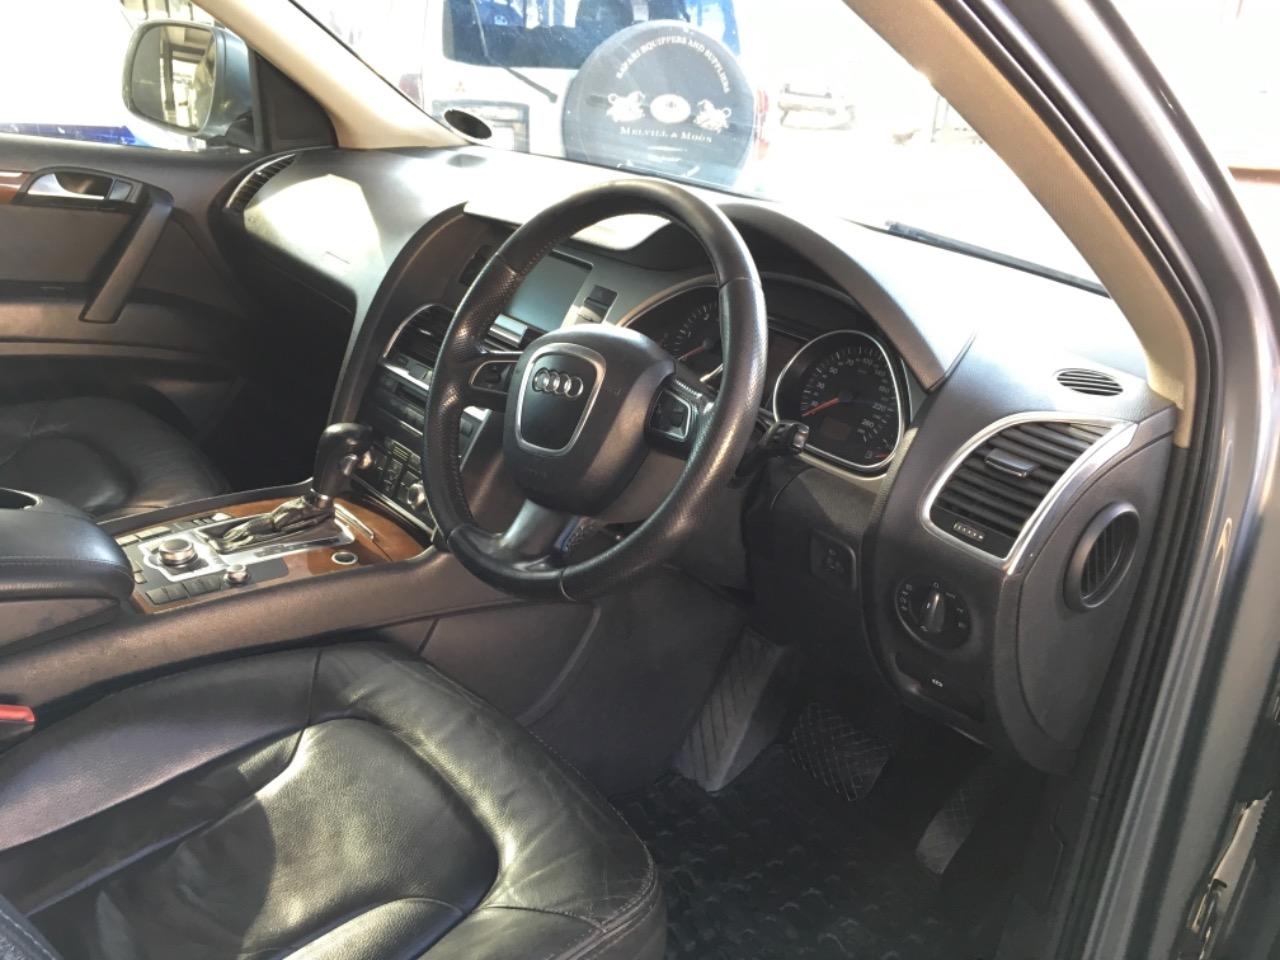 2009 Audi Q7 3.0TDI QUATTRO Triptronic 7 Seater full